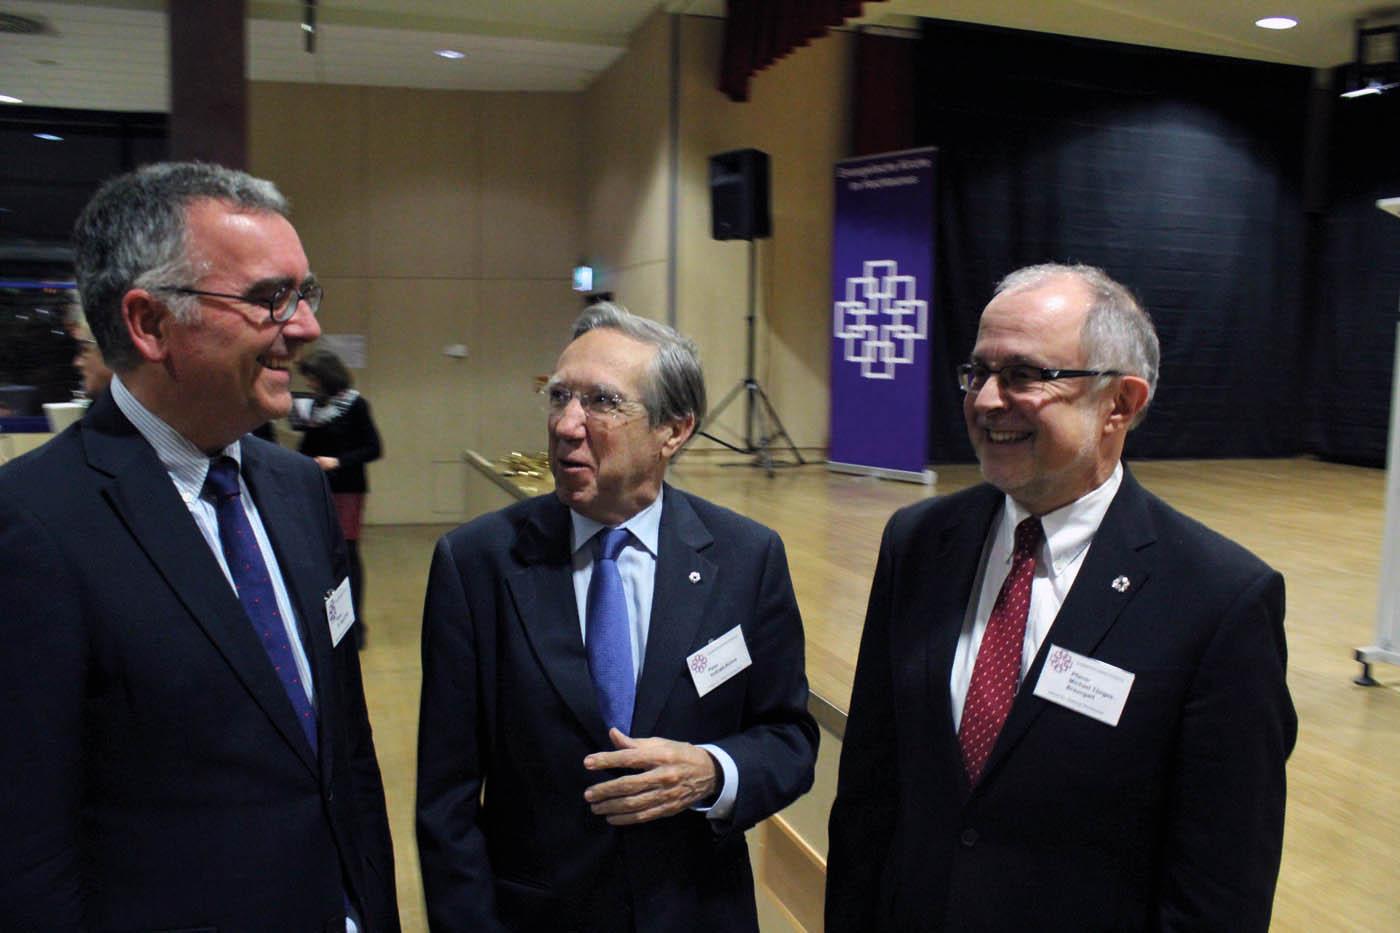 Dr. Sigurd Rink, Präses Peter Vollrath-Kühne und Dekan Michael Tönges-Braungart (v.l.n.r.)